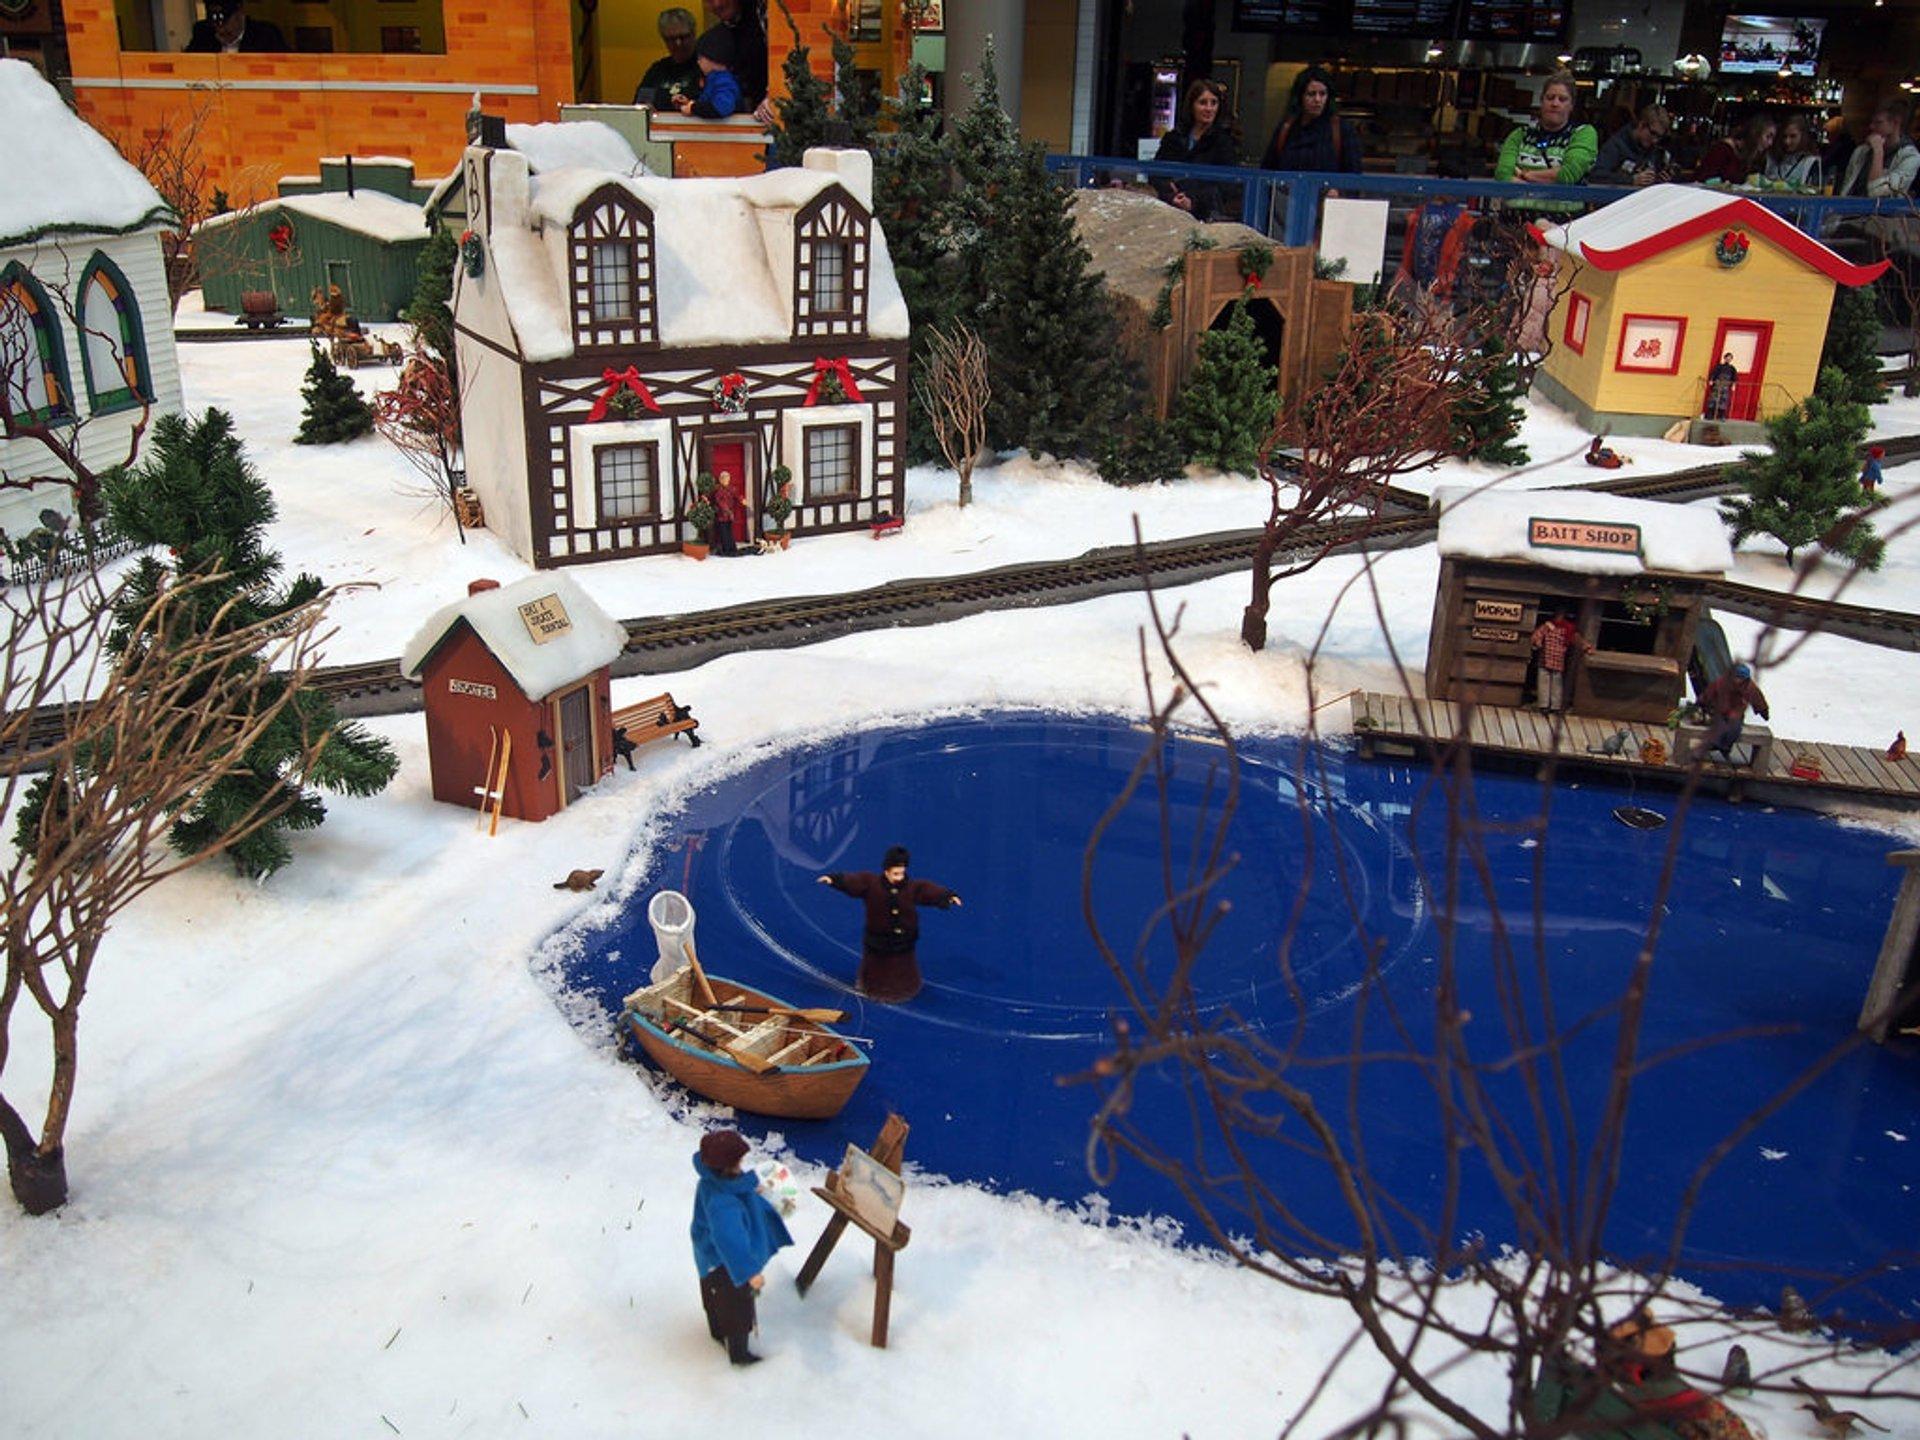 Seattle Winter Train Village 2020